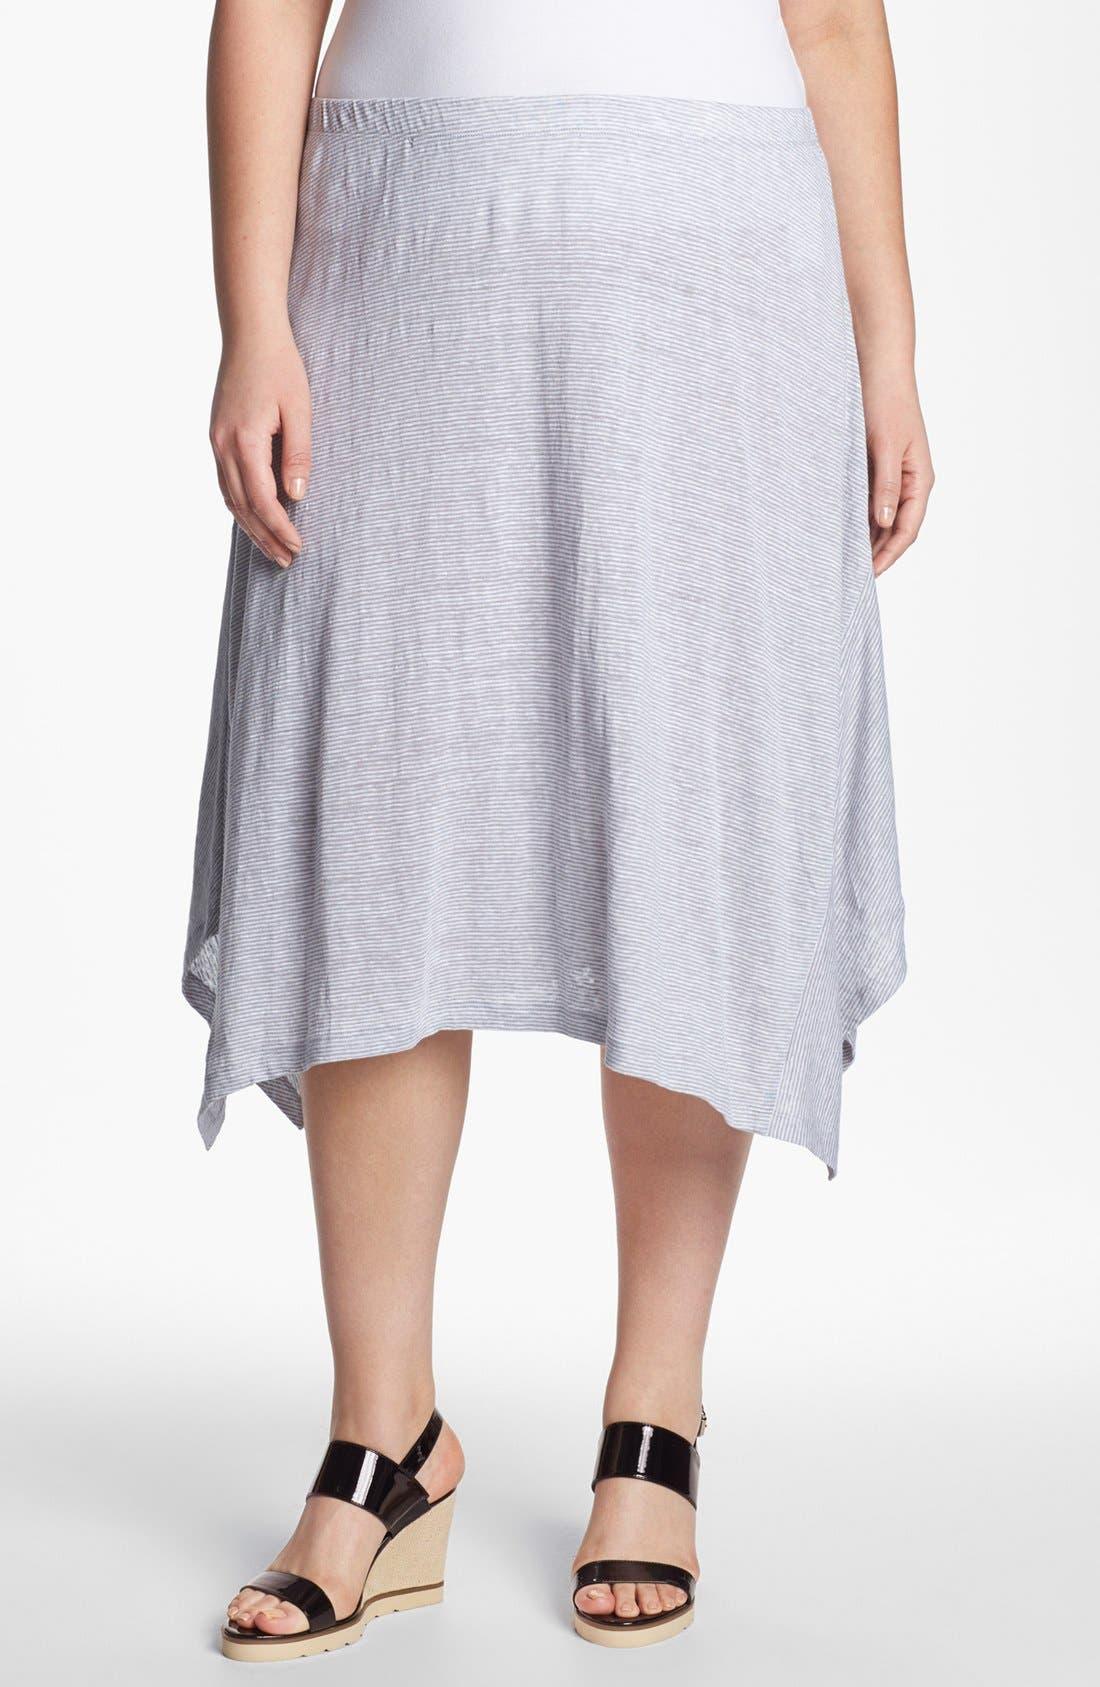 Alternate Image 1 Selected - Eileen Fisher Stripe Linen Skirt (Plus Size)